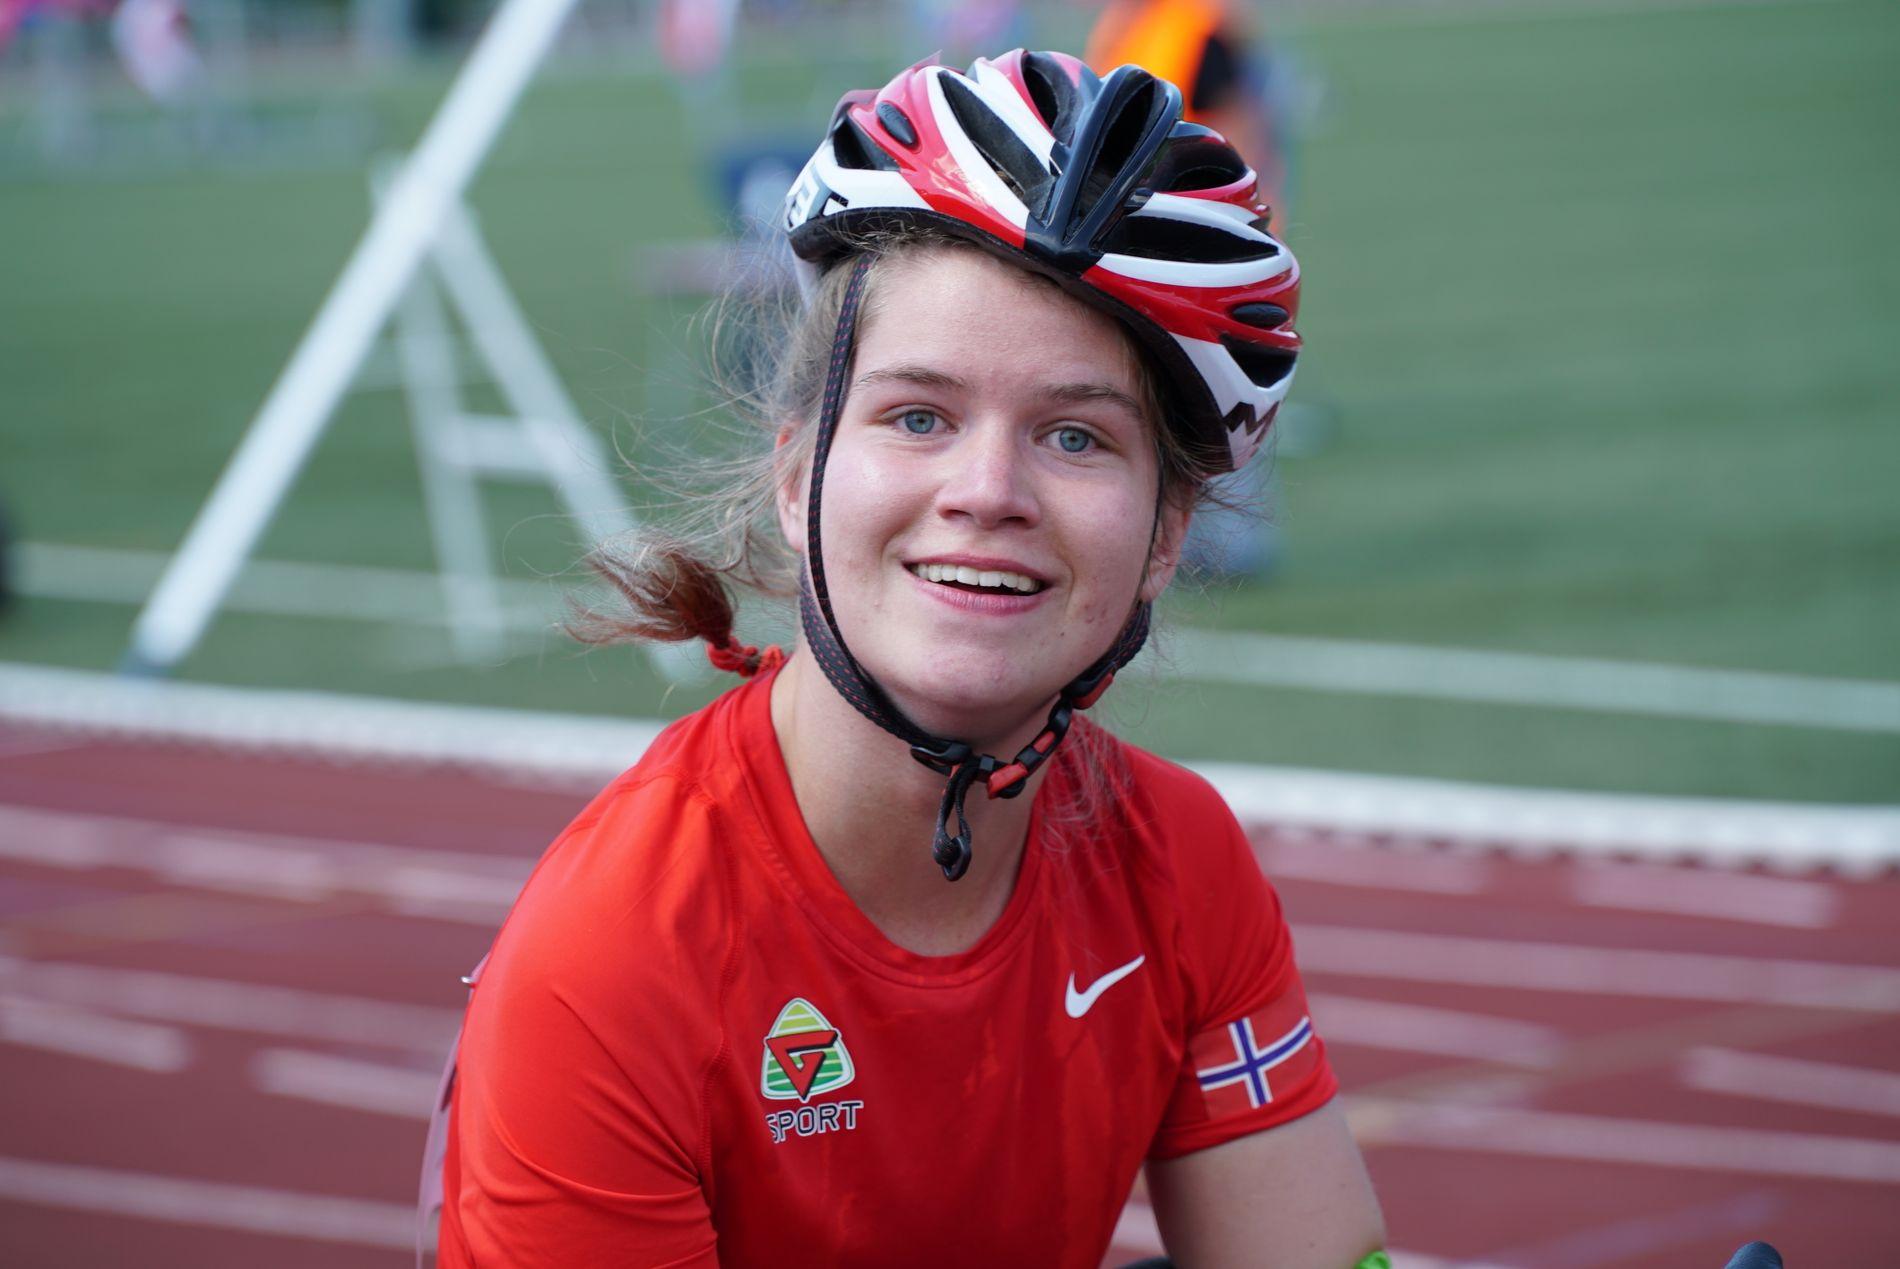 TO DØGN UTEN STOL: Helgen ble ødelagt for Marie Aune Bardal da Widerøe rotet bort rullestolen. Her er hun på et annet løp.